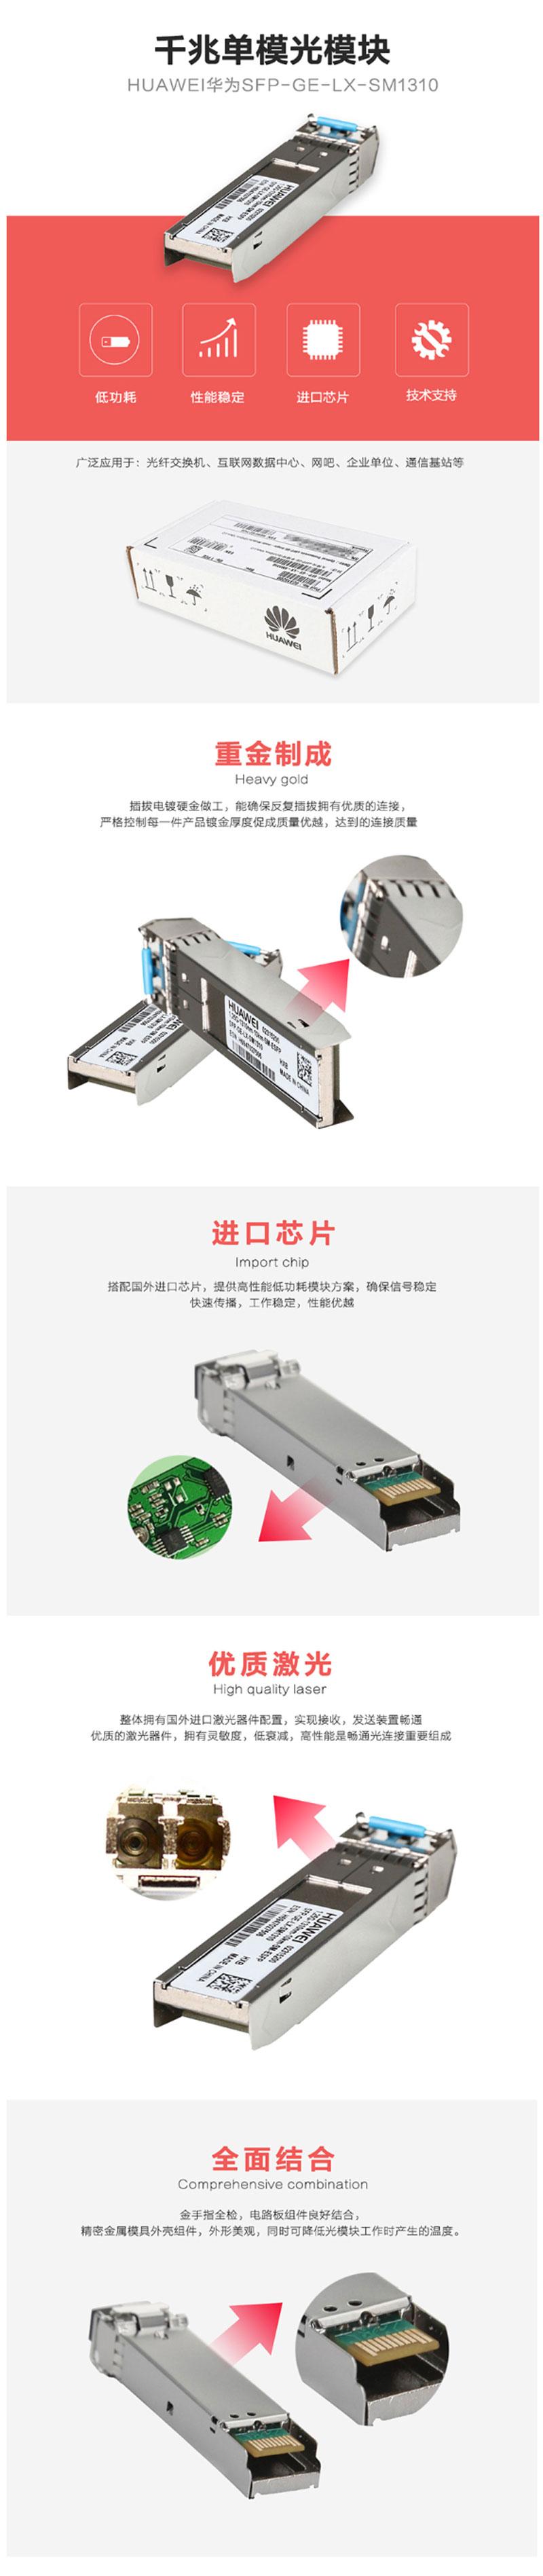 华为(HUAWEI)SFP-GE-LX-SM1310